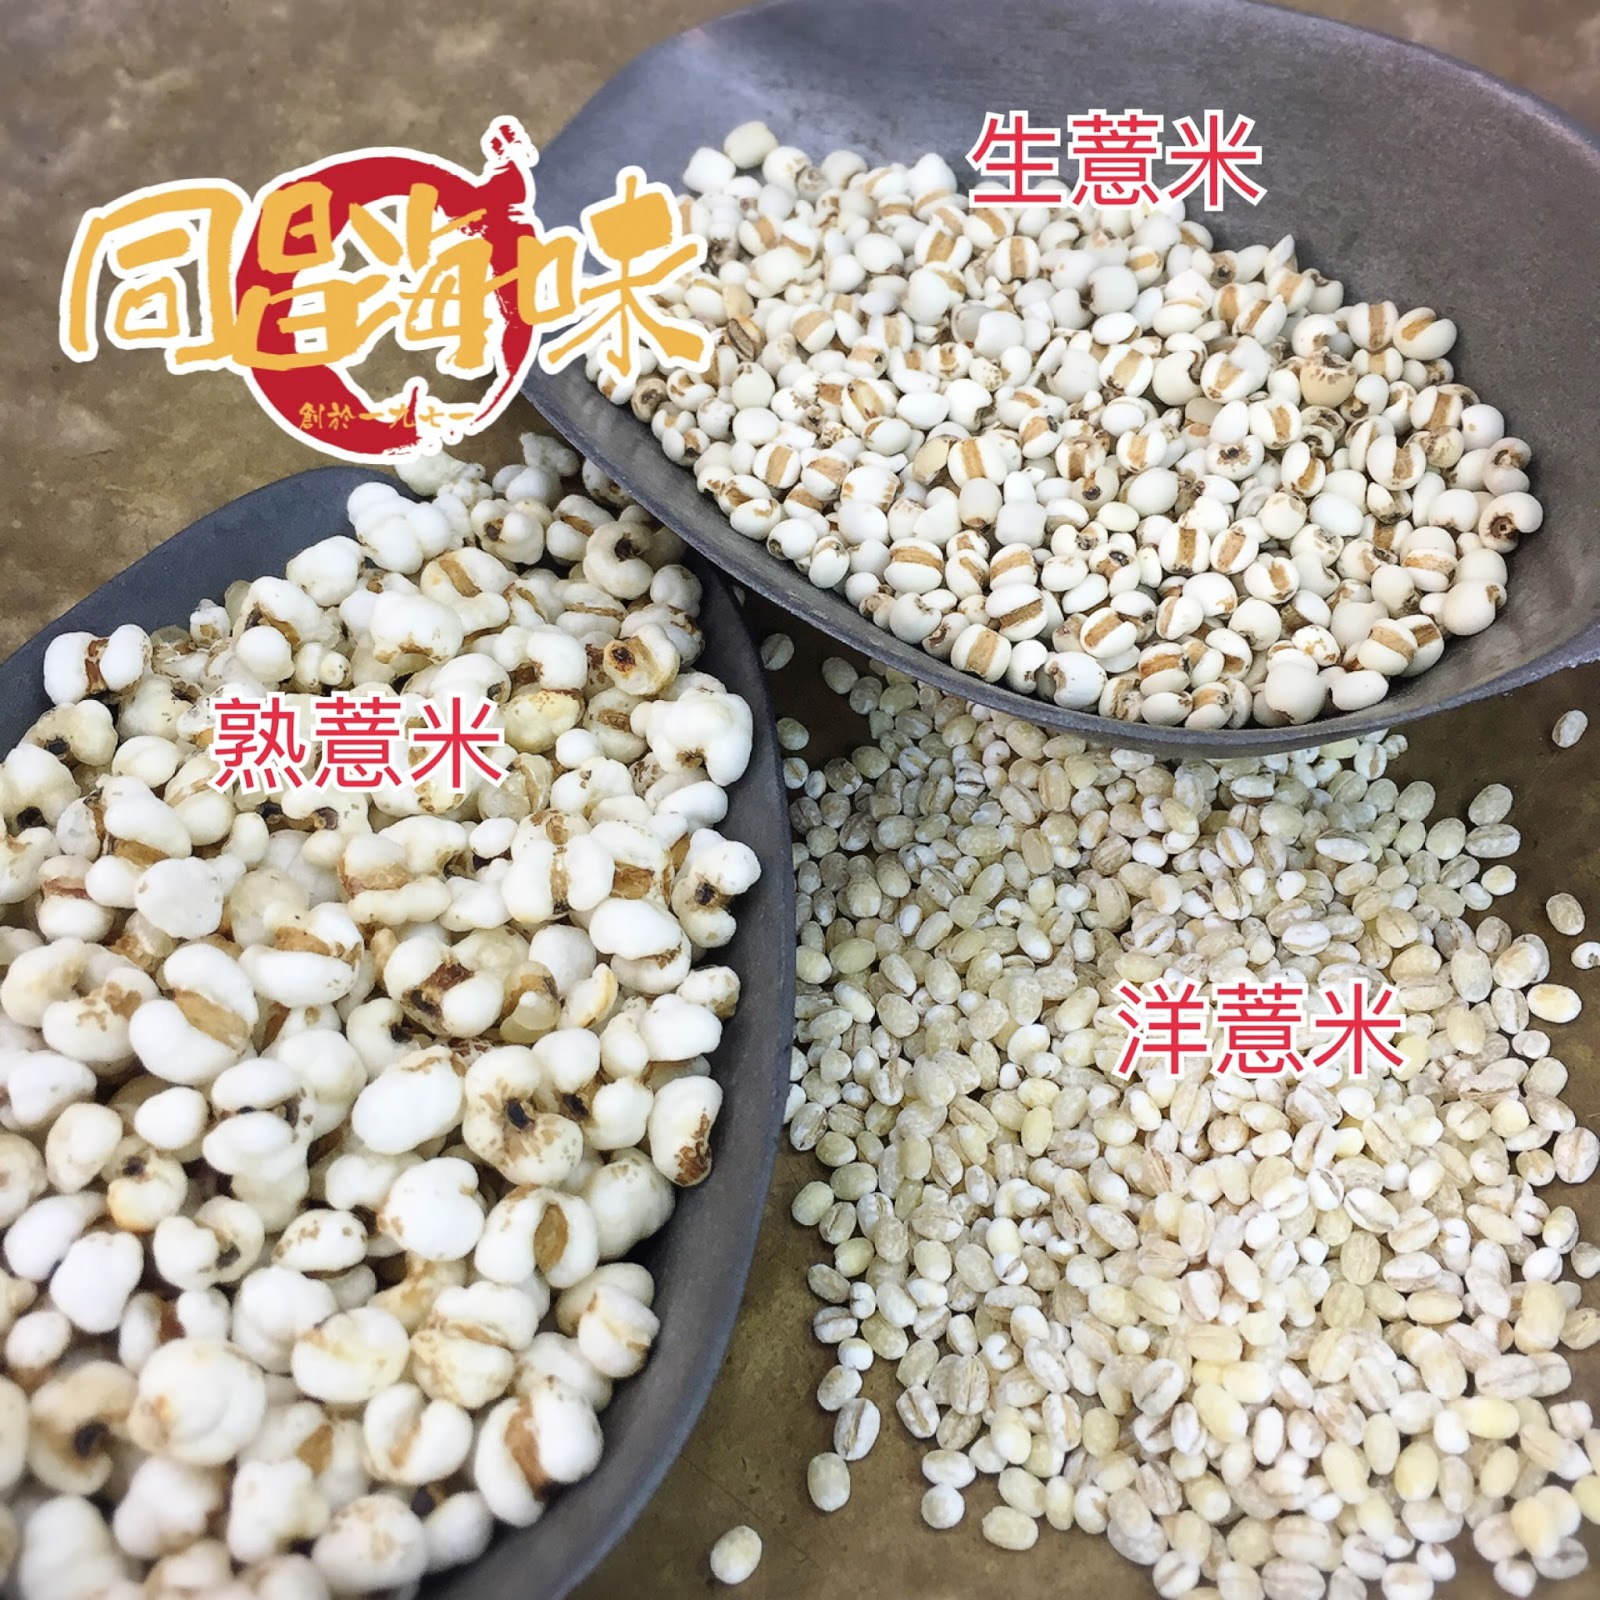 同昌海味: 【去濕美白用薏米 搞清生薏米,薏米(學名:Coix chinensis Tod. )又叫:薏苡仁,治脾虛泄瀉則須炒熟食用。 2,對小便不利,利于去濕除風;用于健脾益胃,白糖,洋薏米】